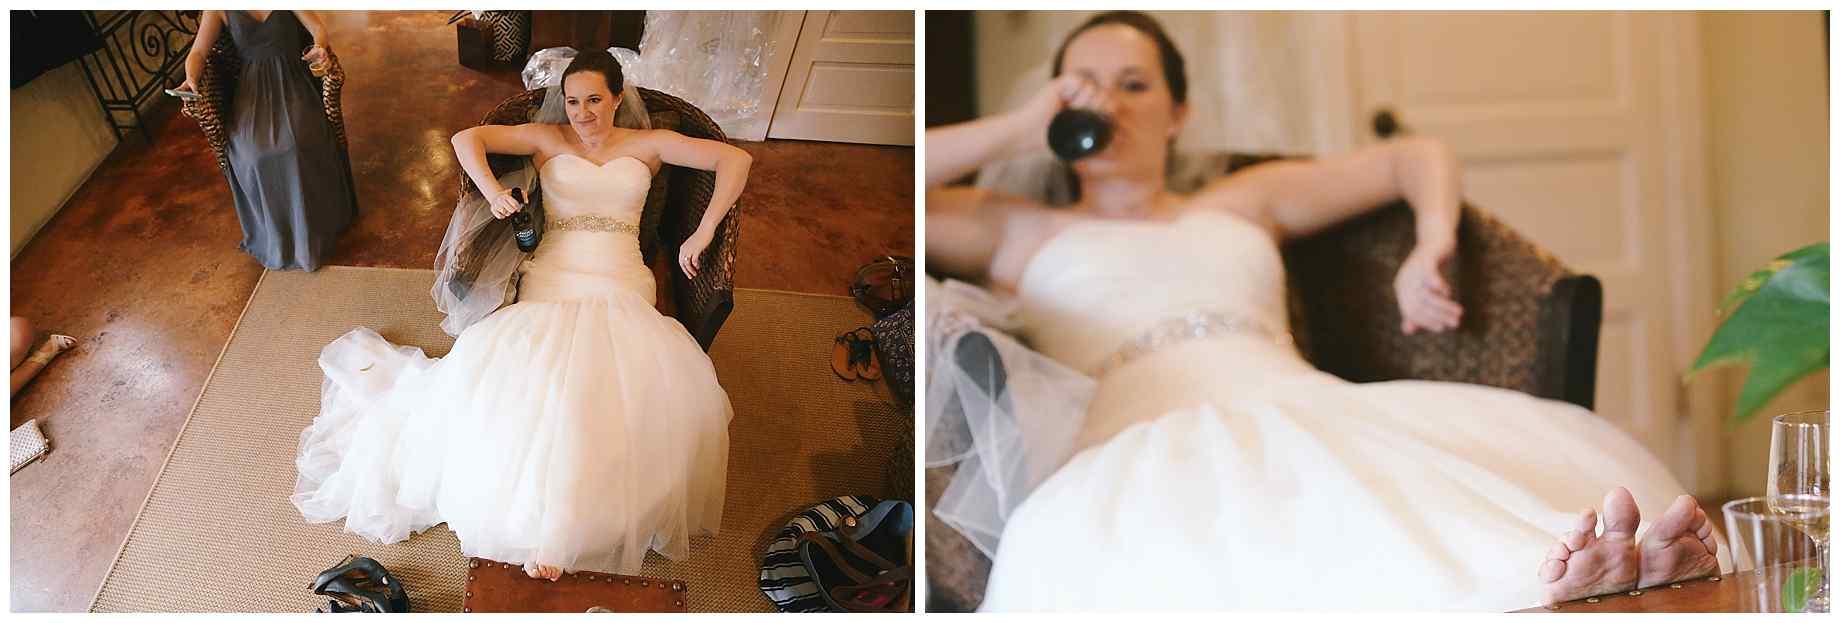 parador-houston-wedding-photos-00024